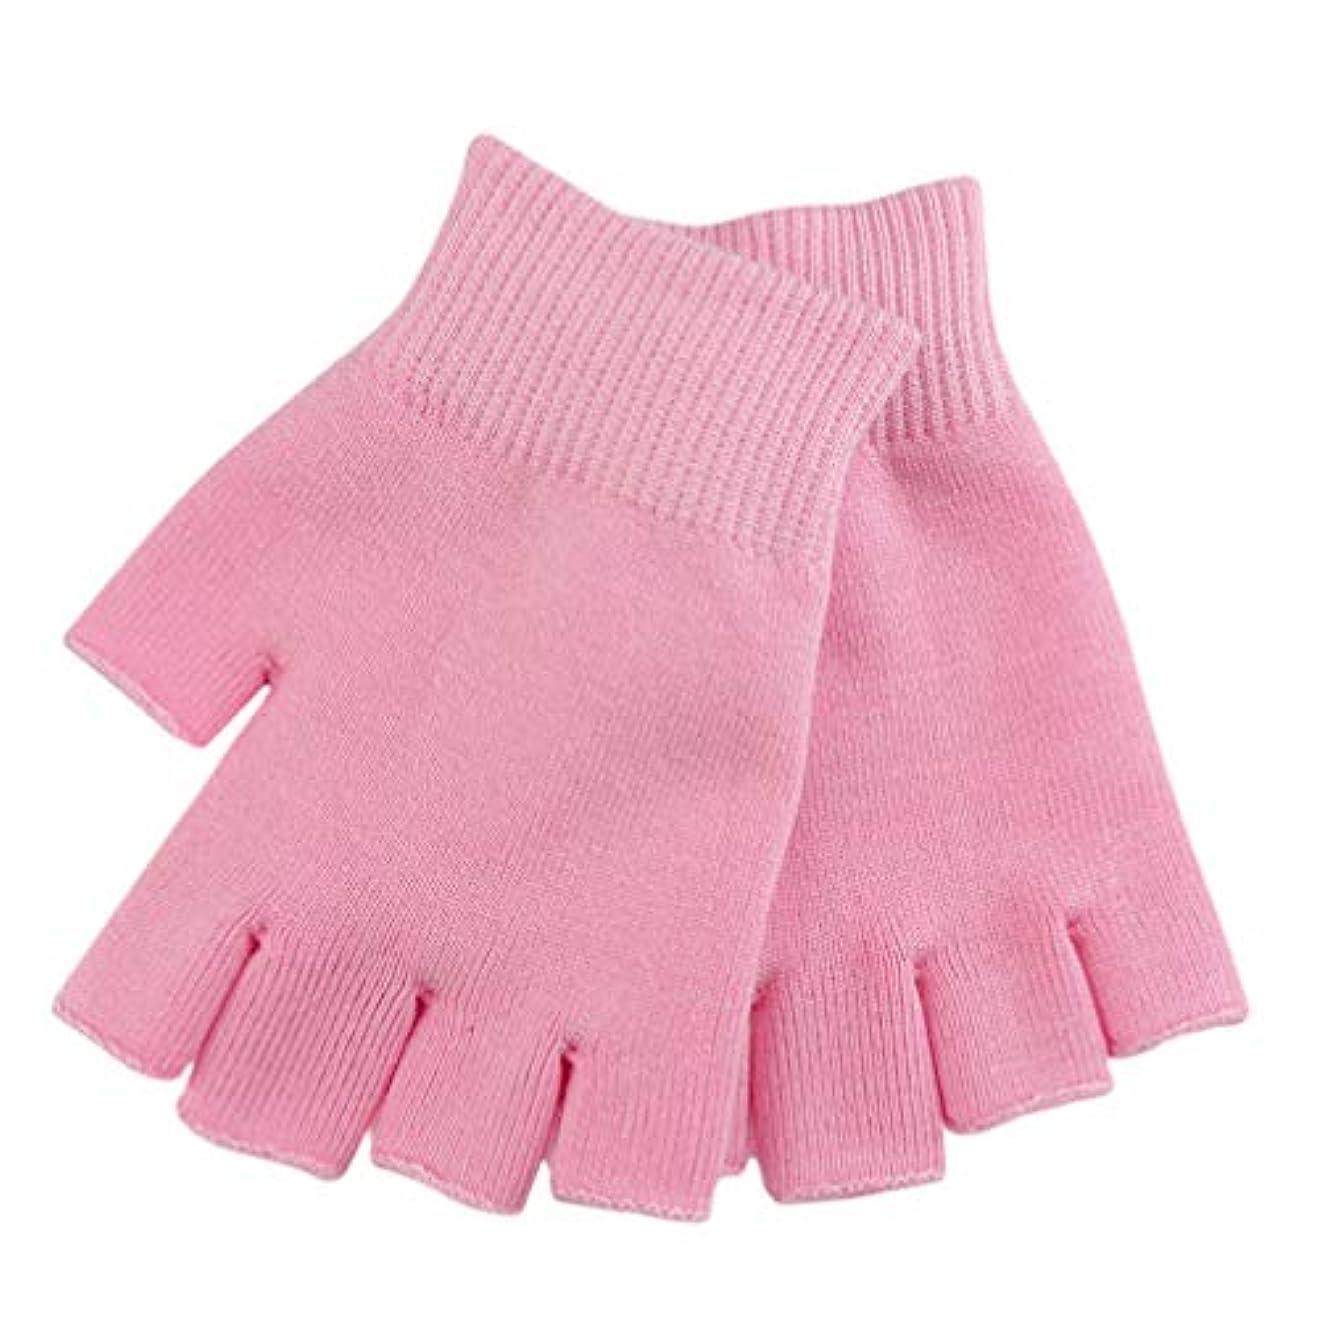 定刻雨巨大SUPVOX 角質除去手袋両面角質除去シャワーバススクラブグローブ角質除去手袋ボディシャワースパバス角質除去